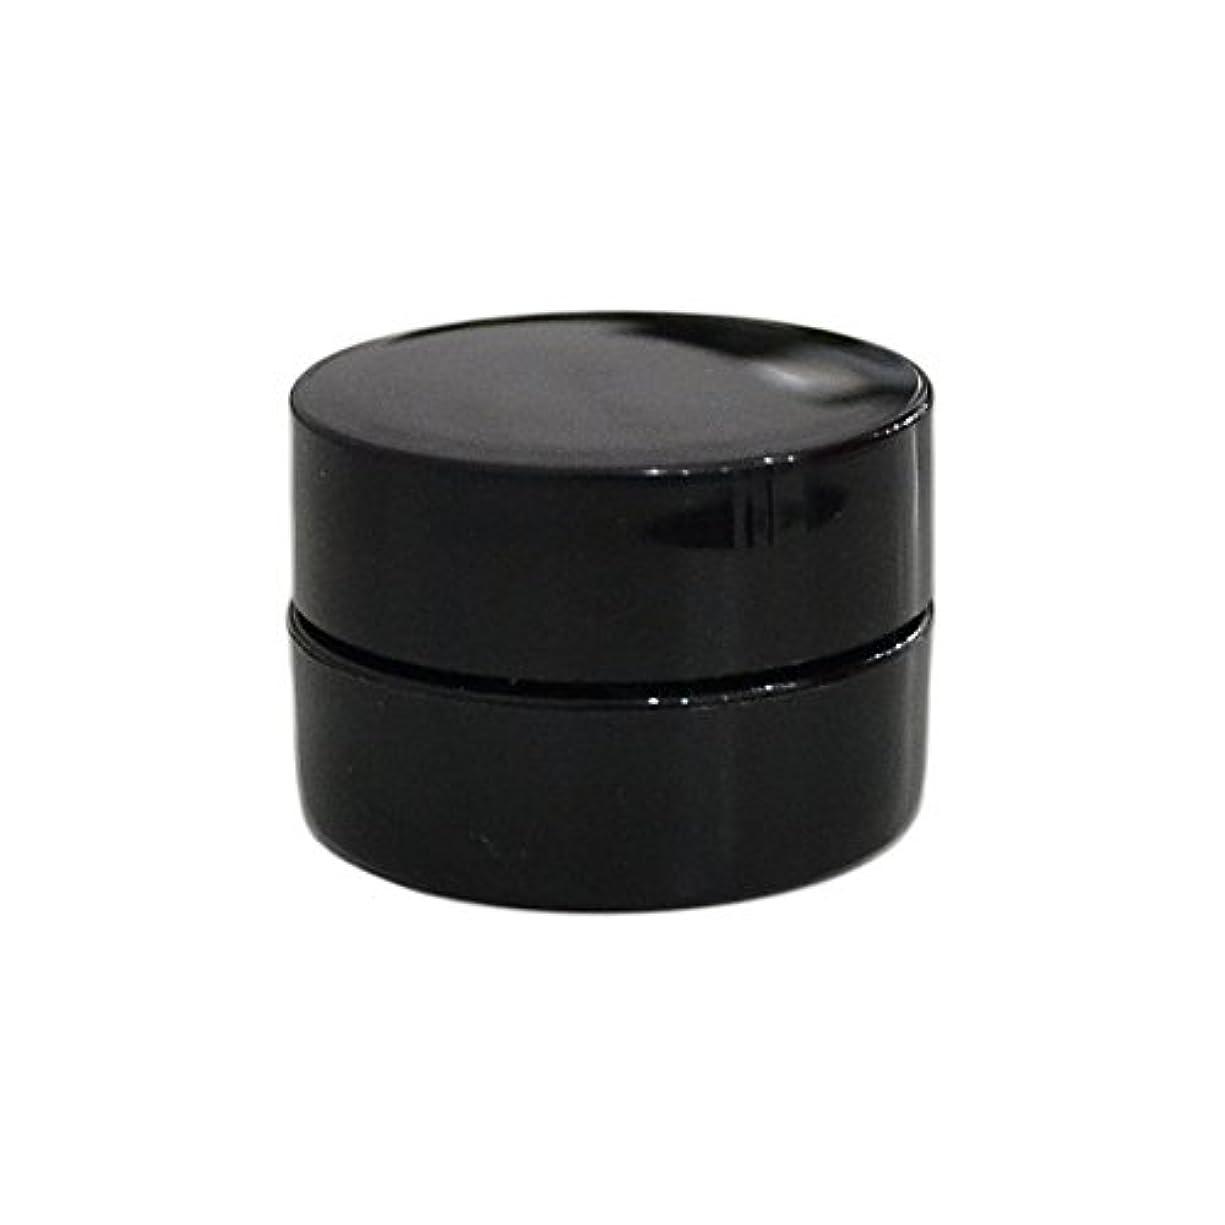 息切れ名前でマイク純国産ネイルジェルコンテナ 3g用 GA3g 漏れ防止パッキン&ブラシプレート付容器 ジェルを無駄なく使える底面傾斜あり 遮光 黒 ブラック